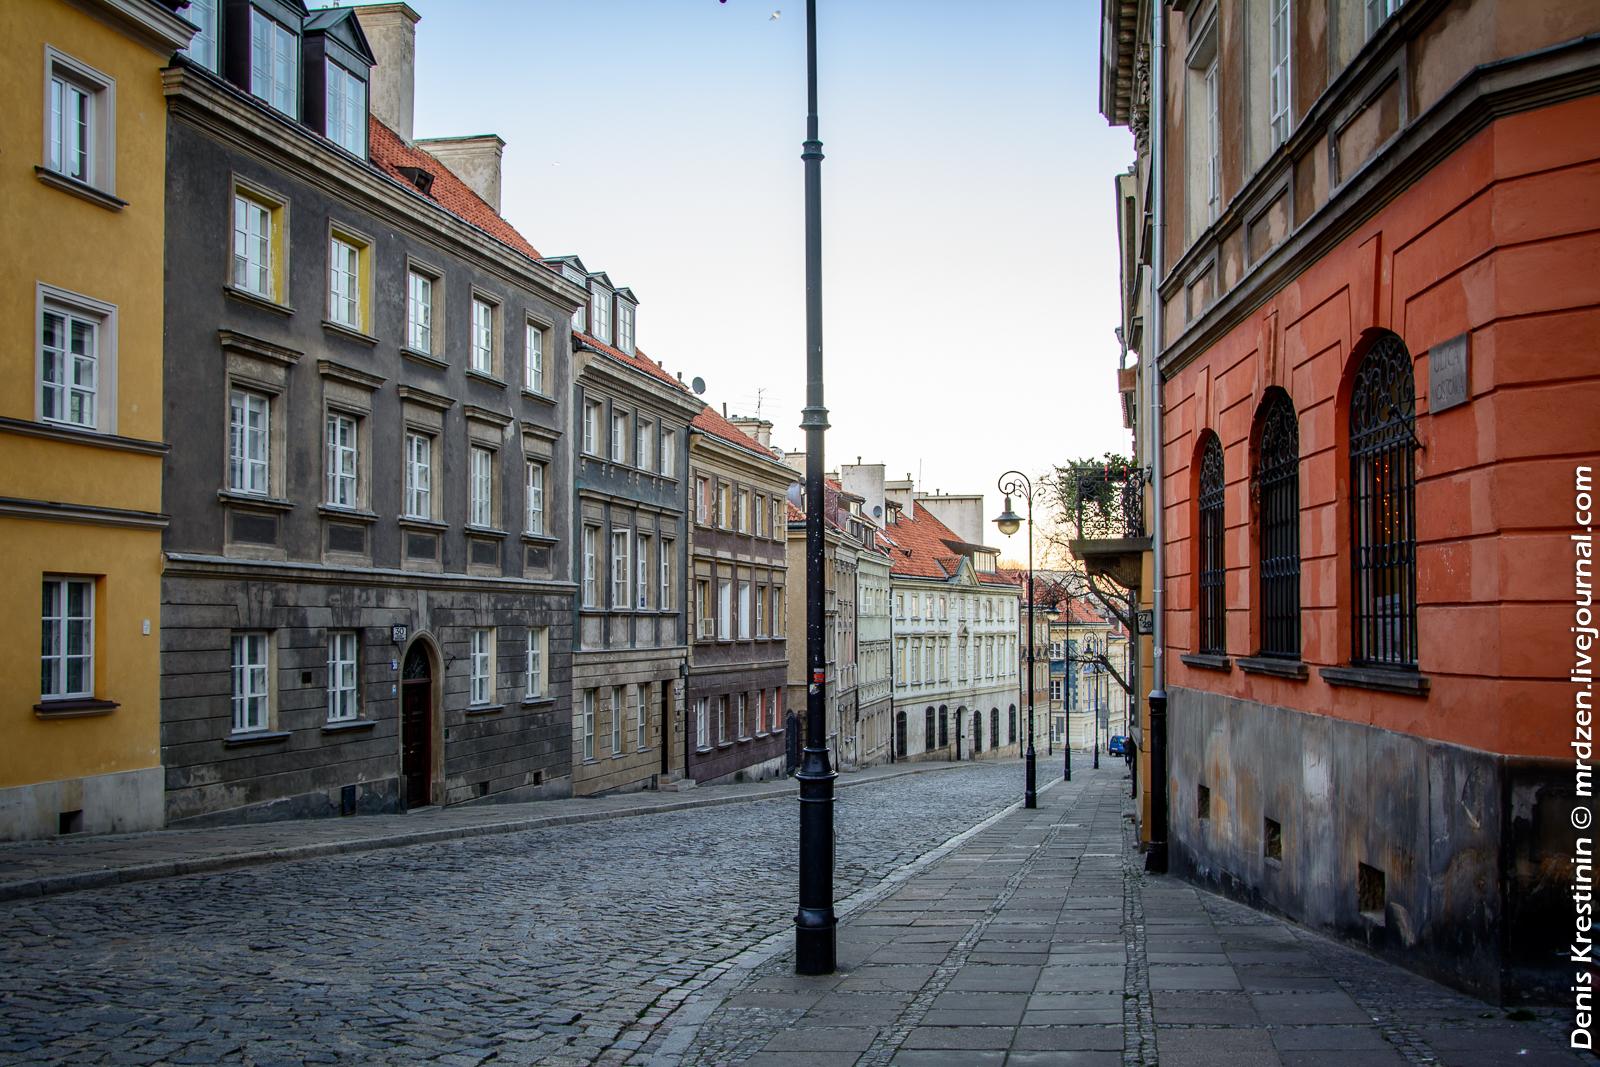 Варшава. Новый город. ул. Мостовая (Mostowa)